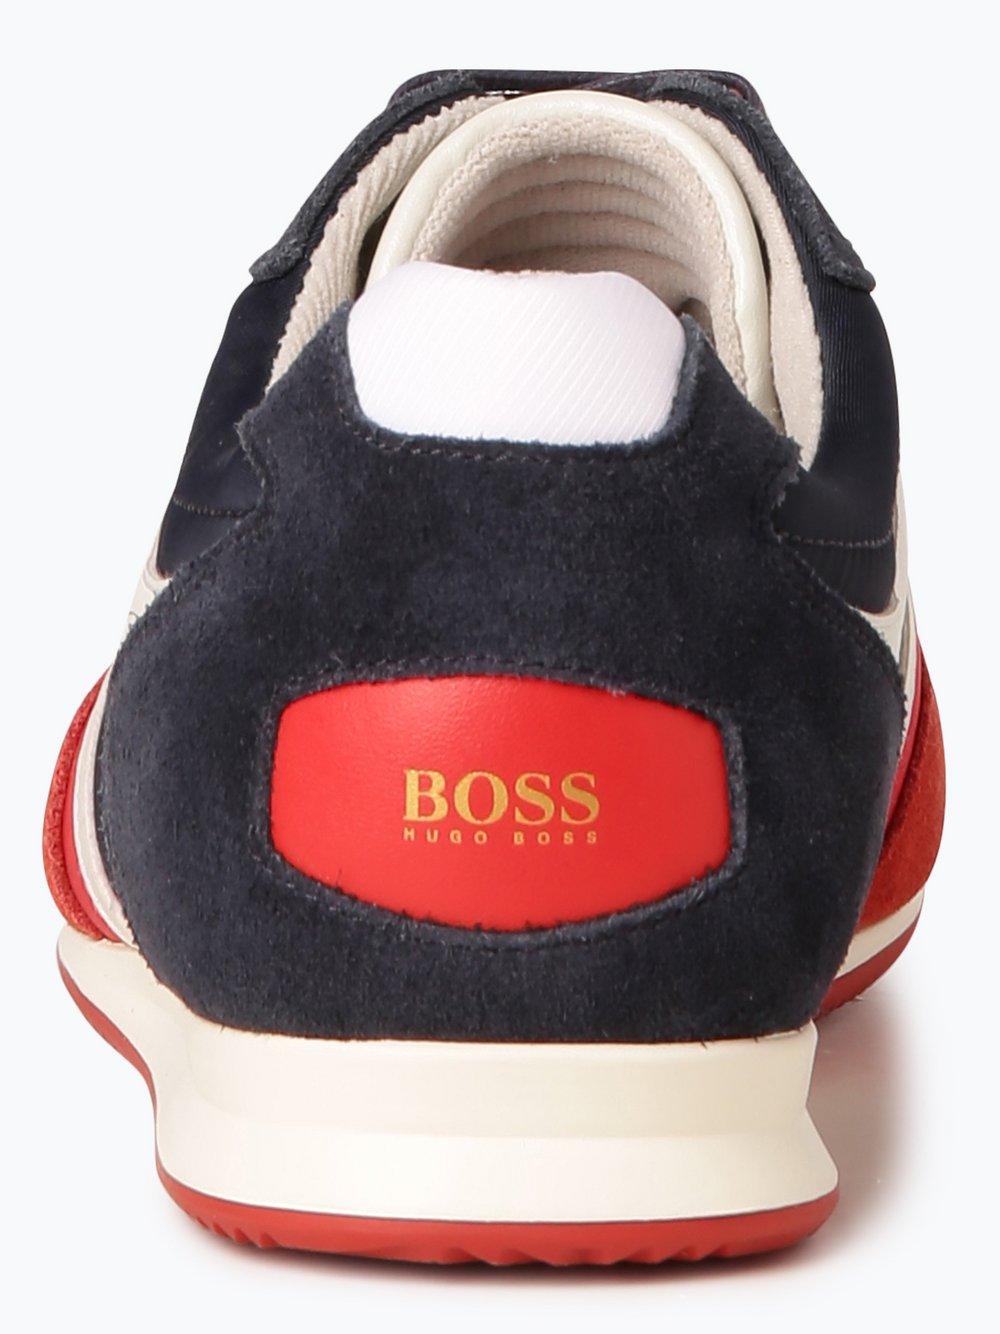 Spielfrei Versand Herren Sneaker mit Leder-Anteil - Orland_Lowp_mx rot HUGO BOSS Verkauf Limitierter Auflage Freies Verschiffen Spielraum Eastbay NfFLthe